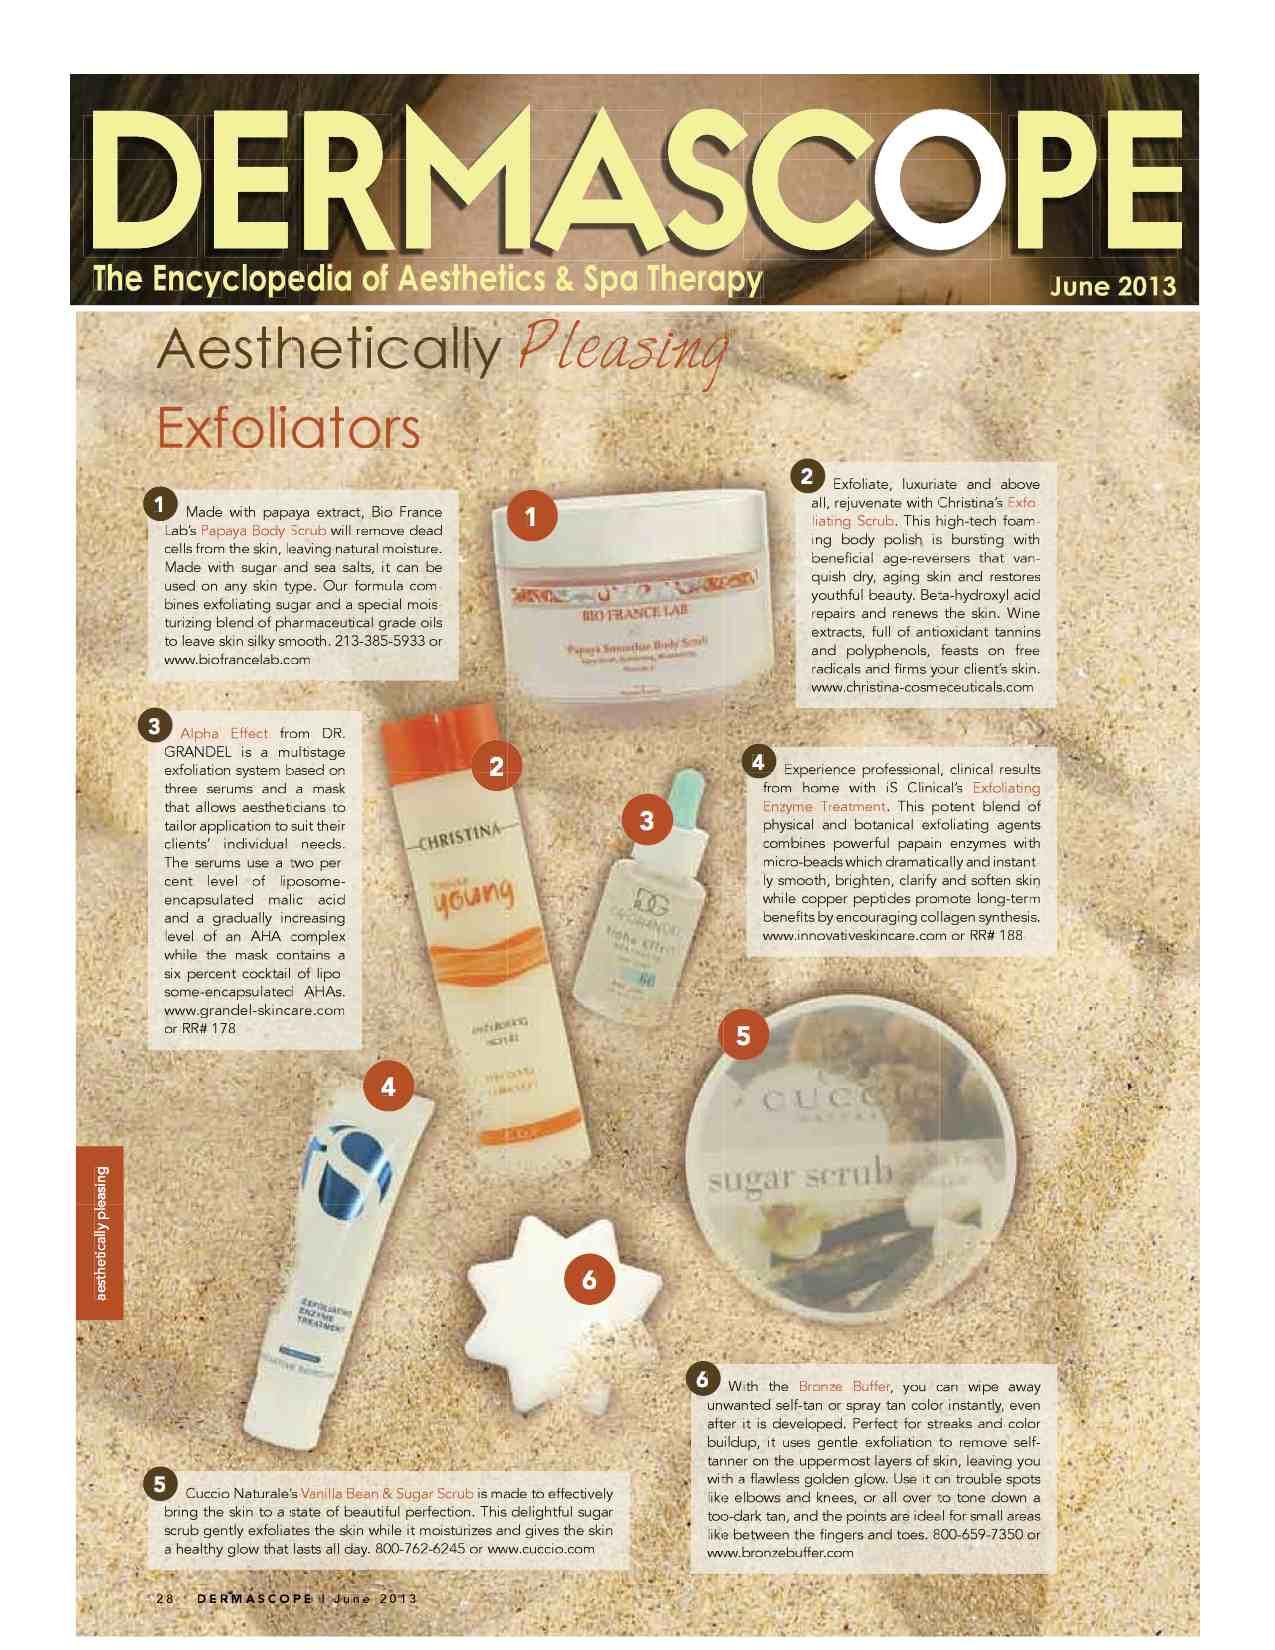 Dermascope June 2013